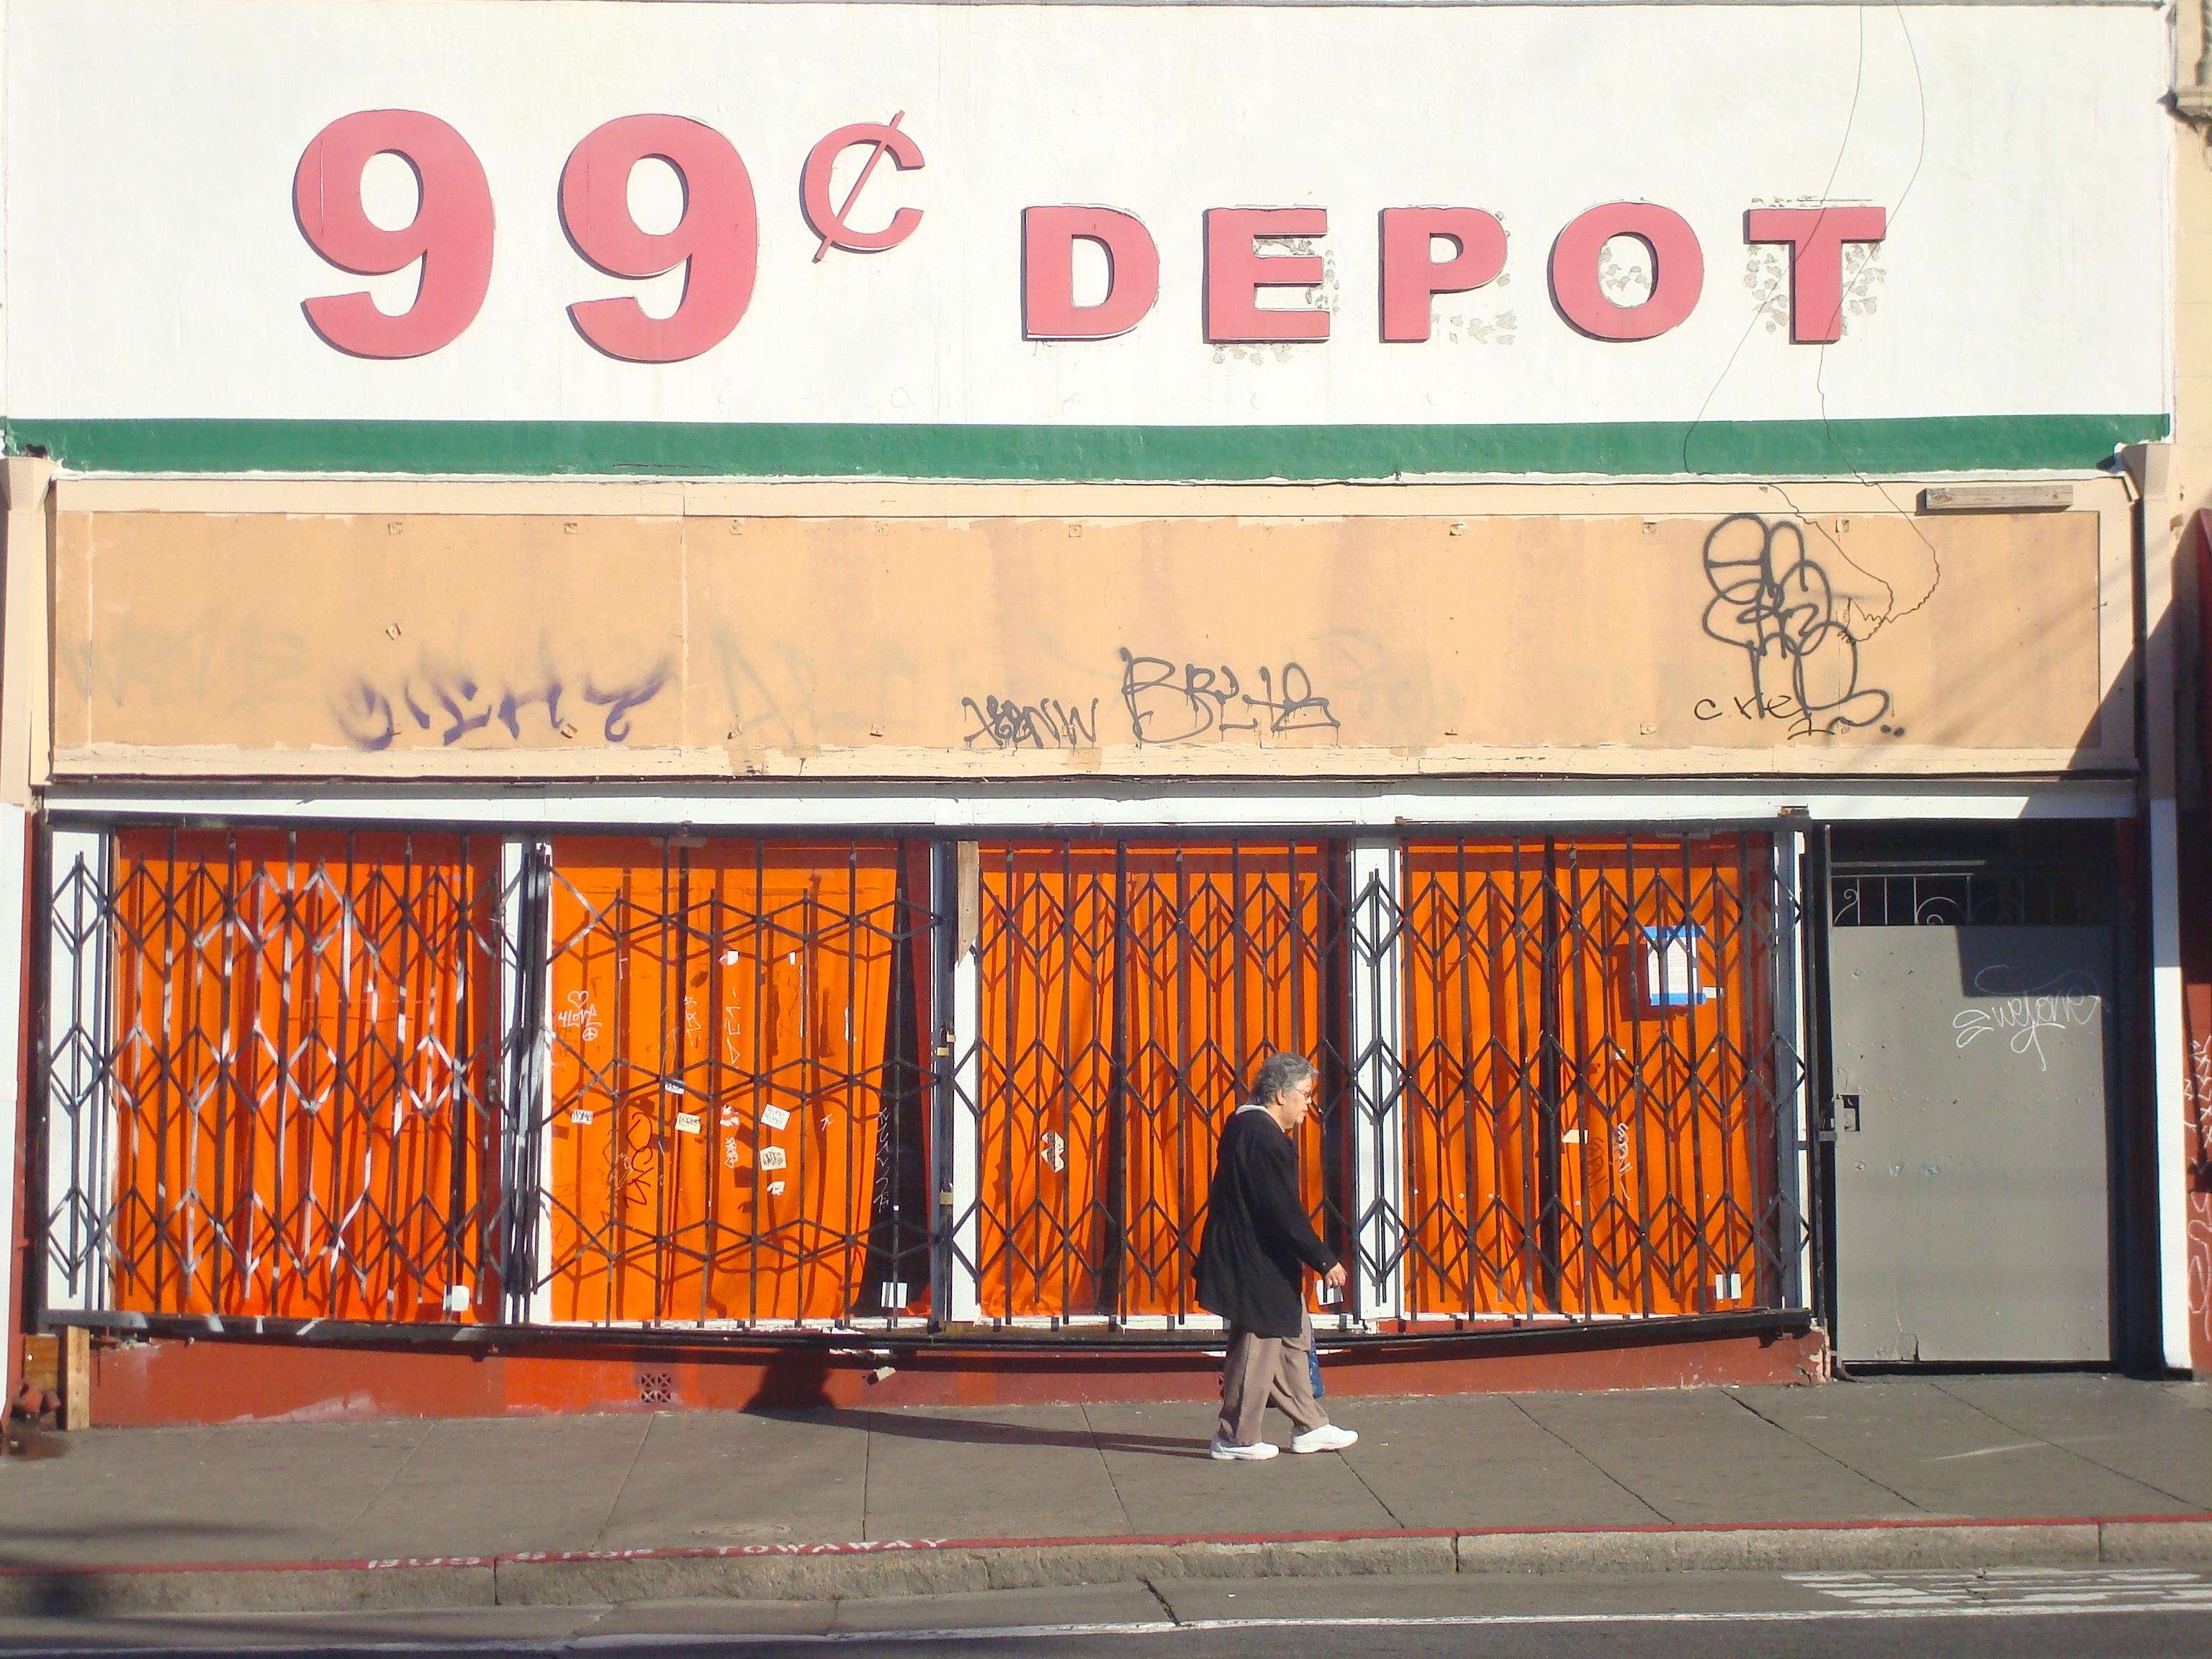 99 Cent Depot